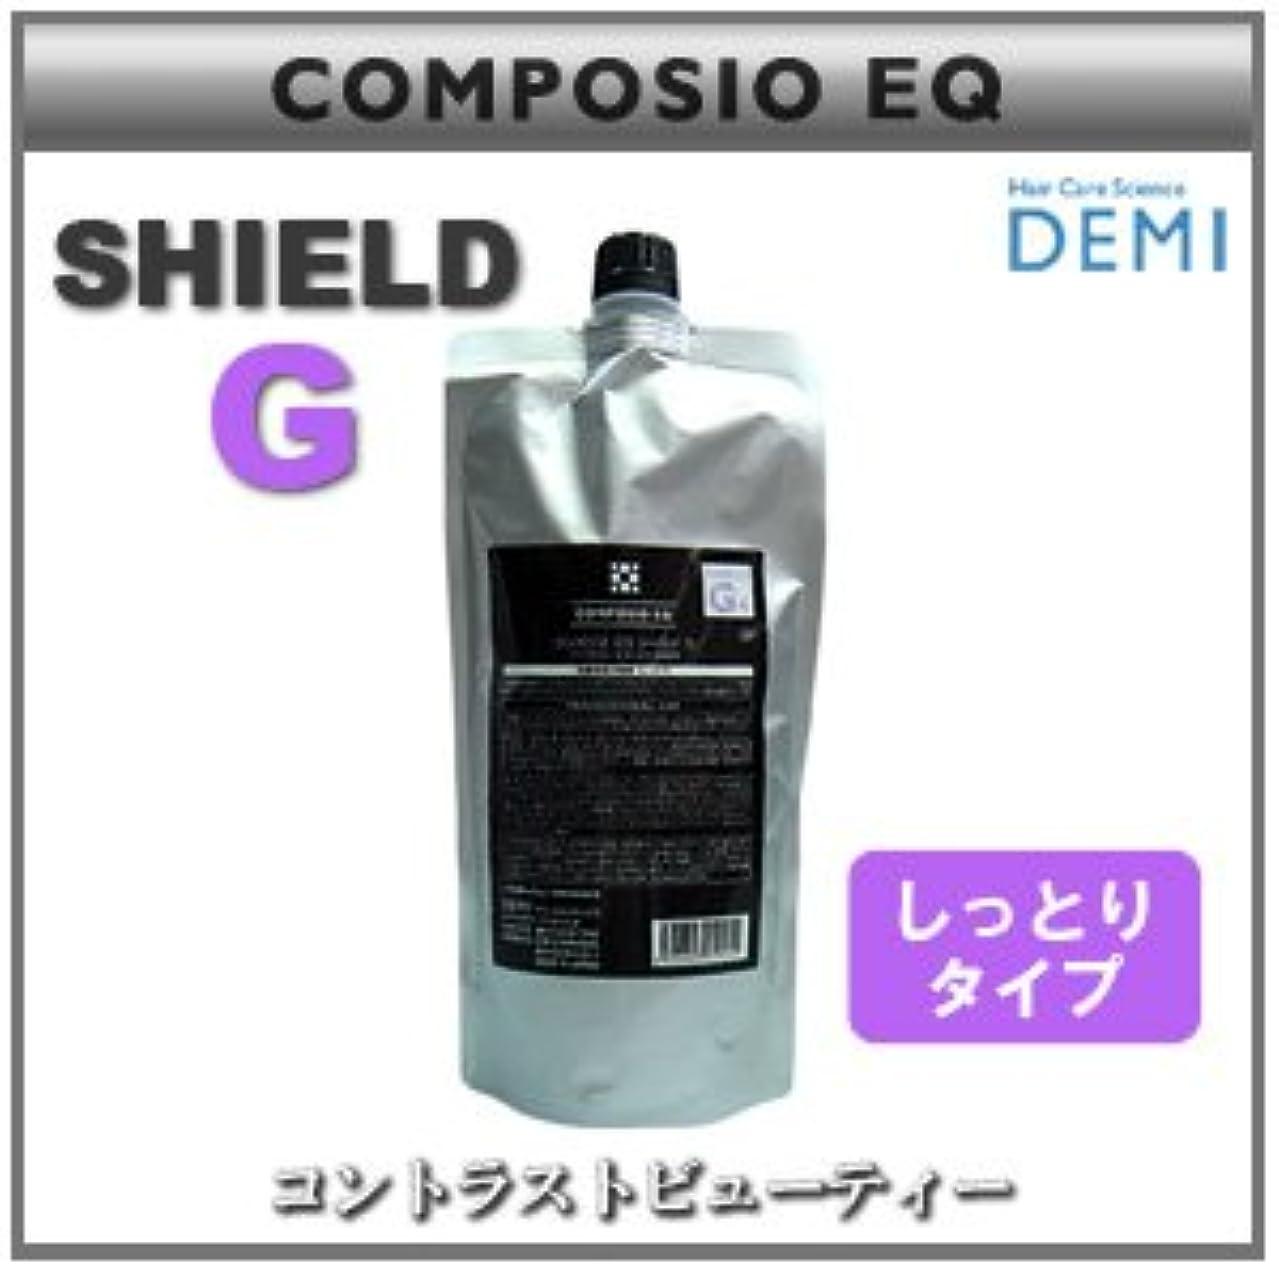 貫通隔離するバラエティ【X5個セット】 デミ コンポジオ EQ シールド G 450g